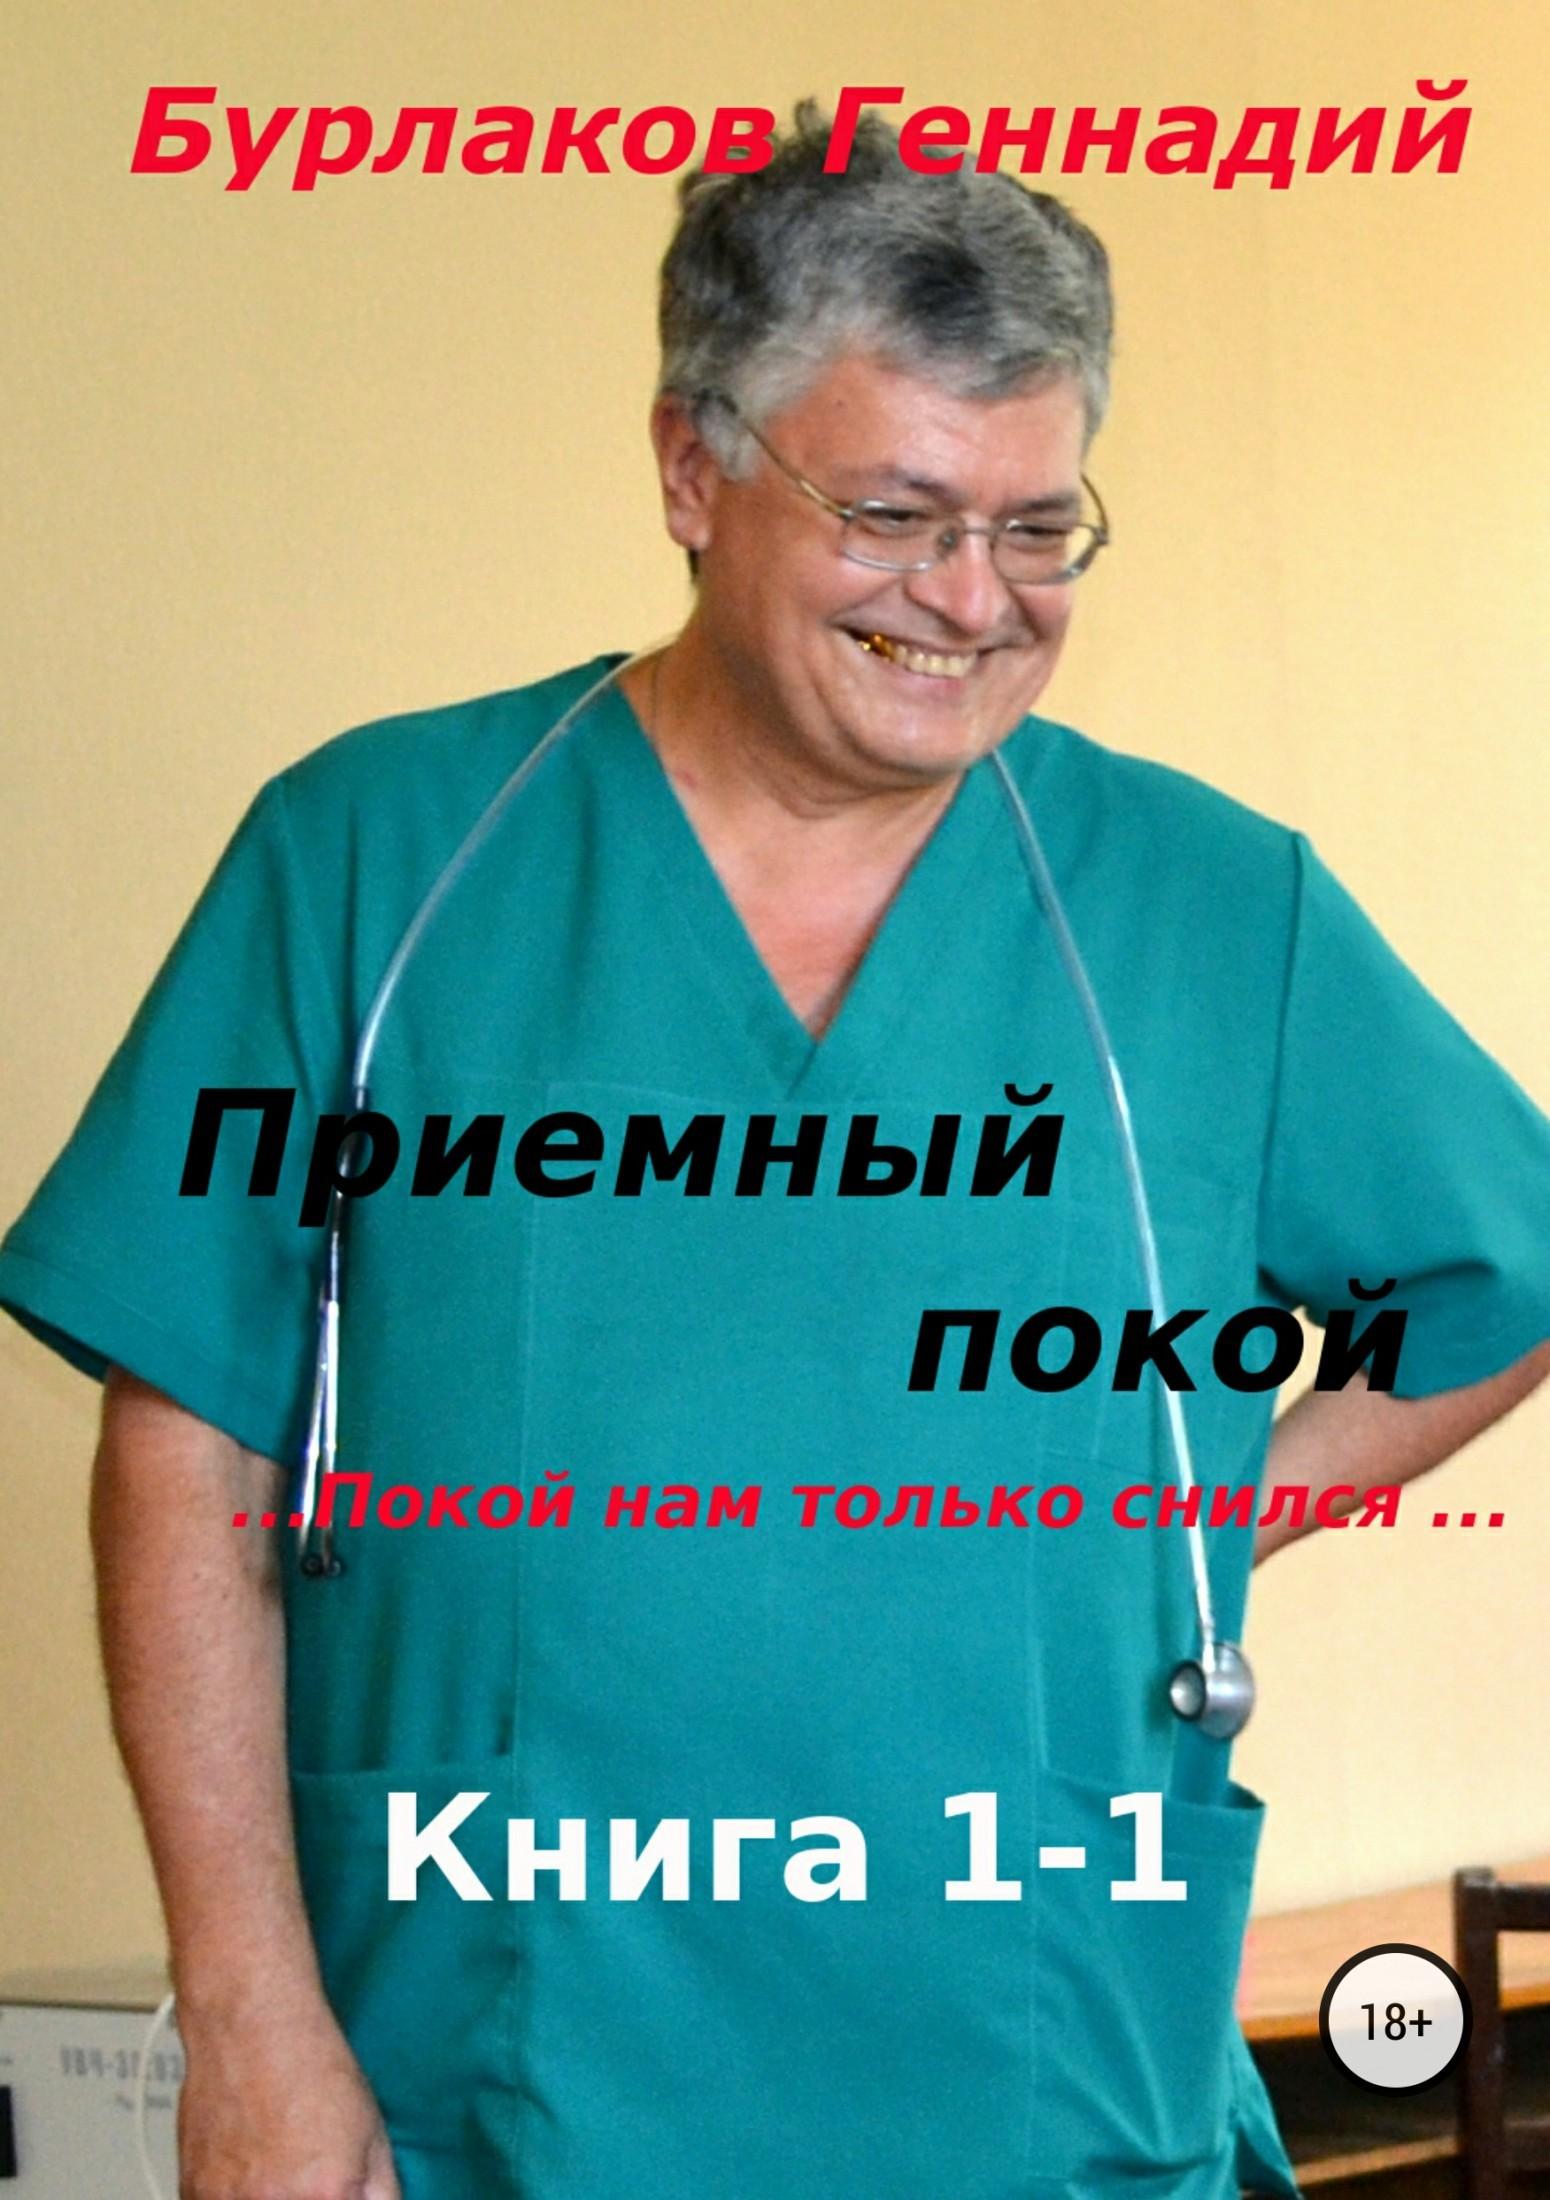 Геннадий Анатольевич Бурлаков Приемный покой. Книга 1-1. Покой нам только снился